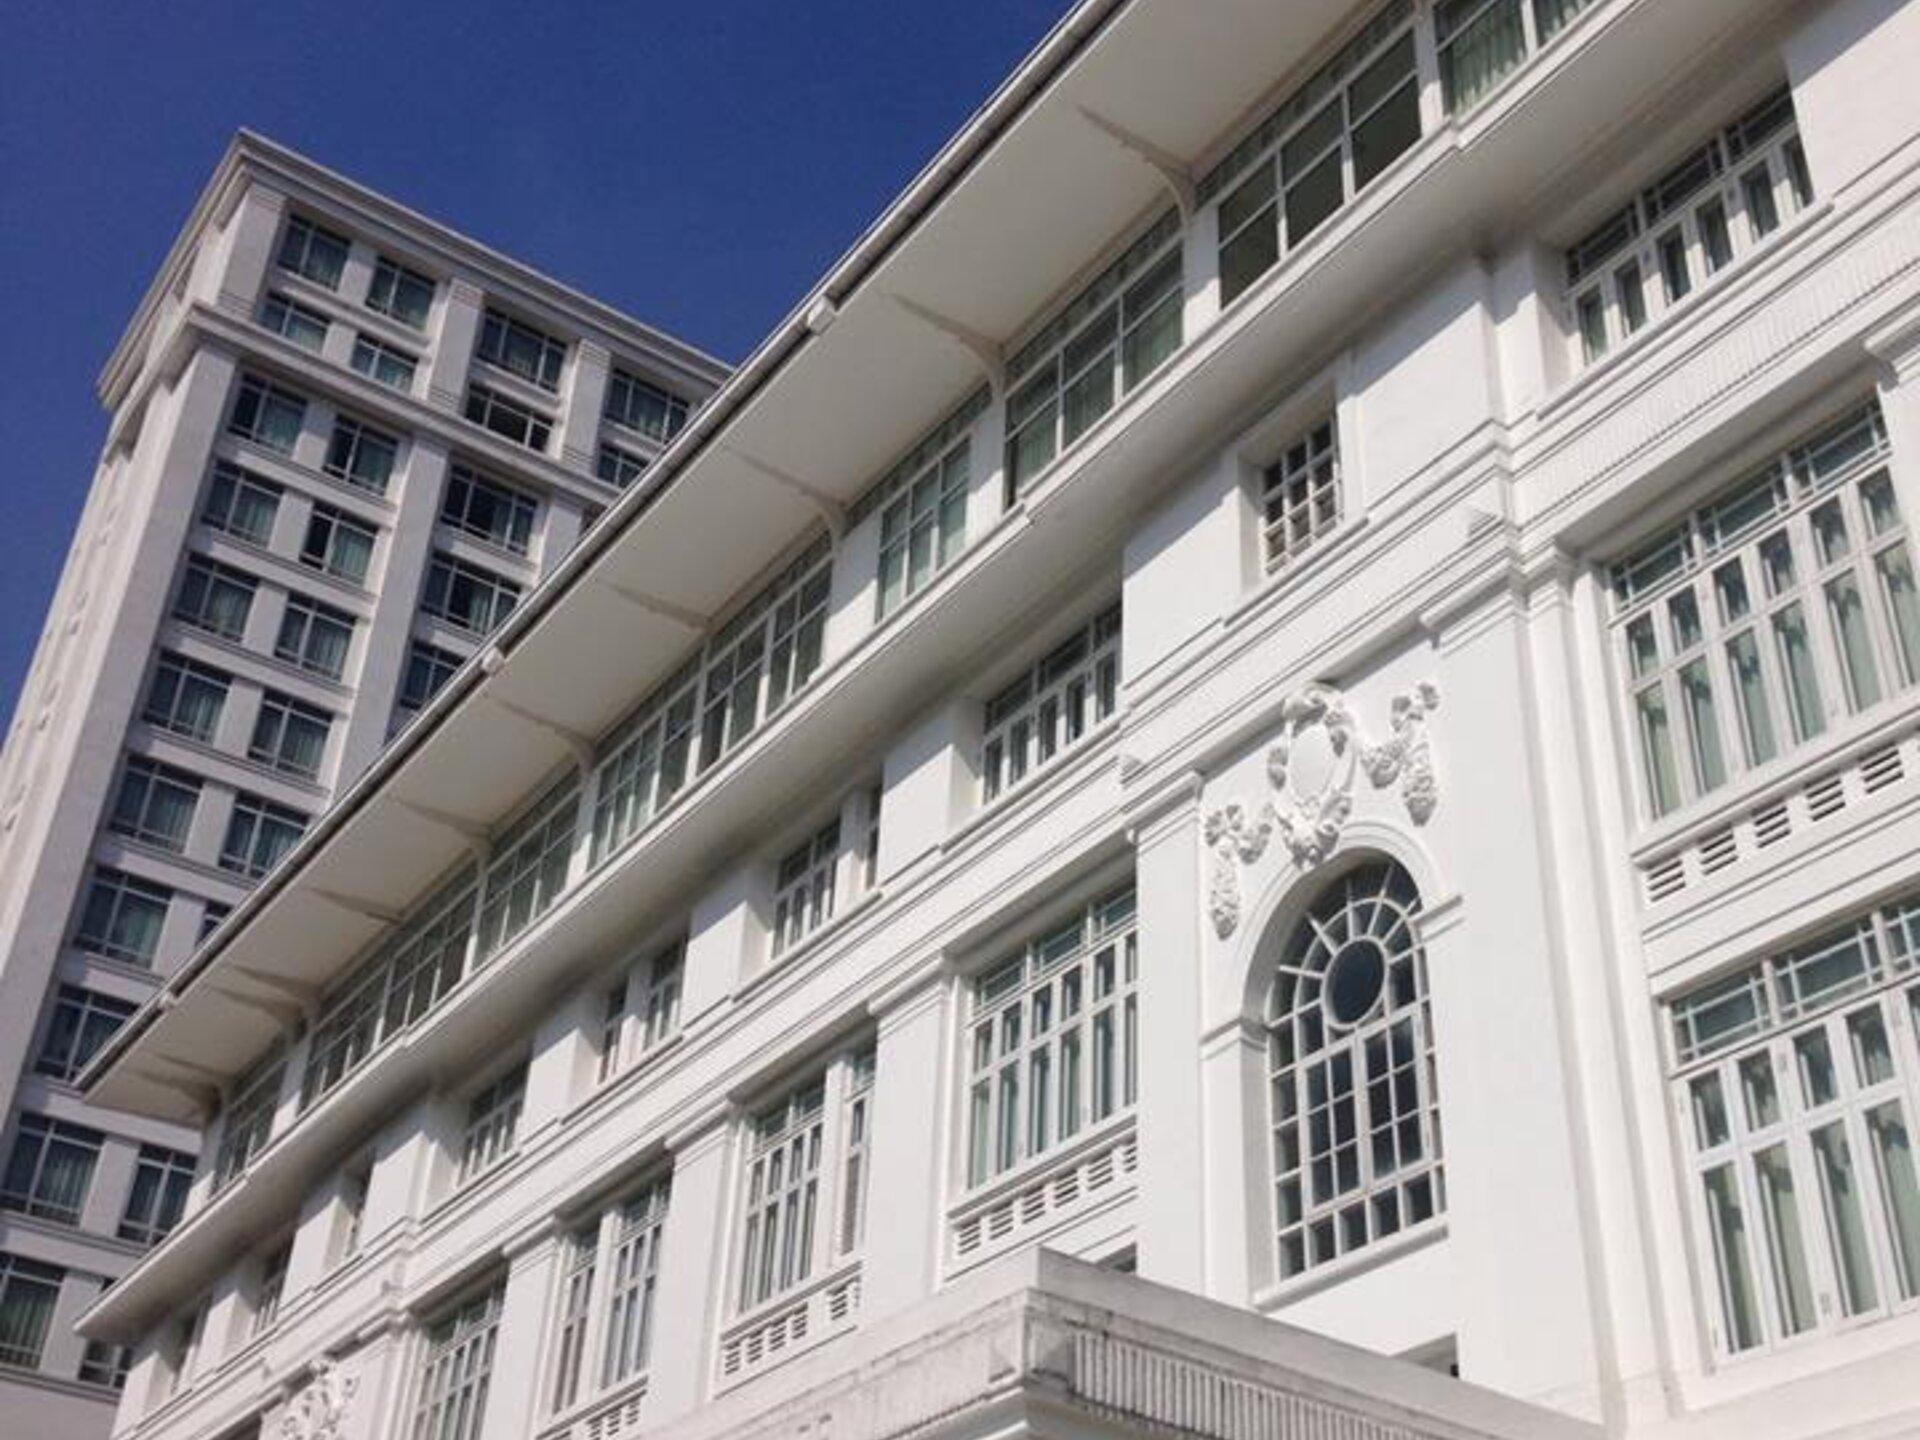 【マレーシア在住が教える】クアラルンプールで最高のおもてなし、ホテル・マジェスティック